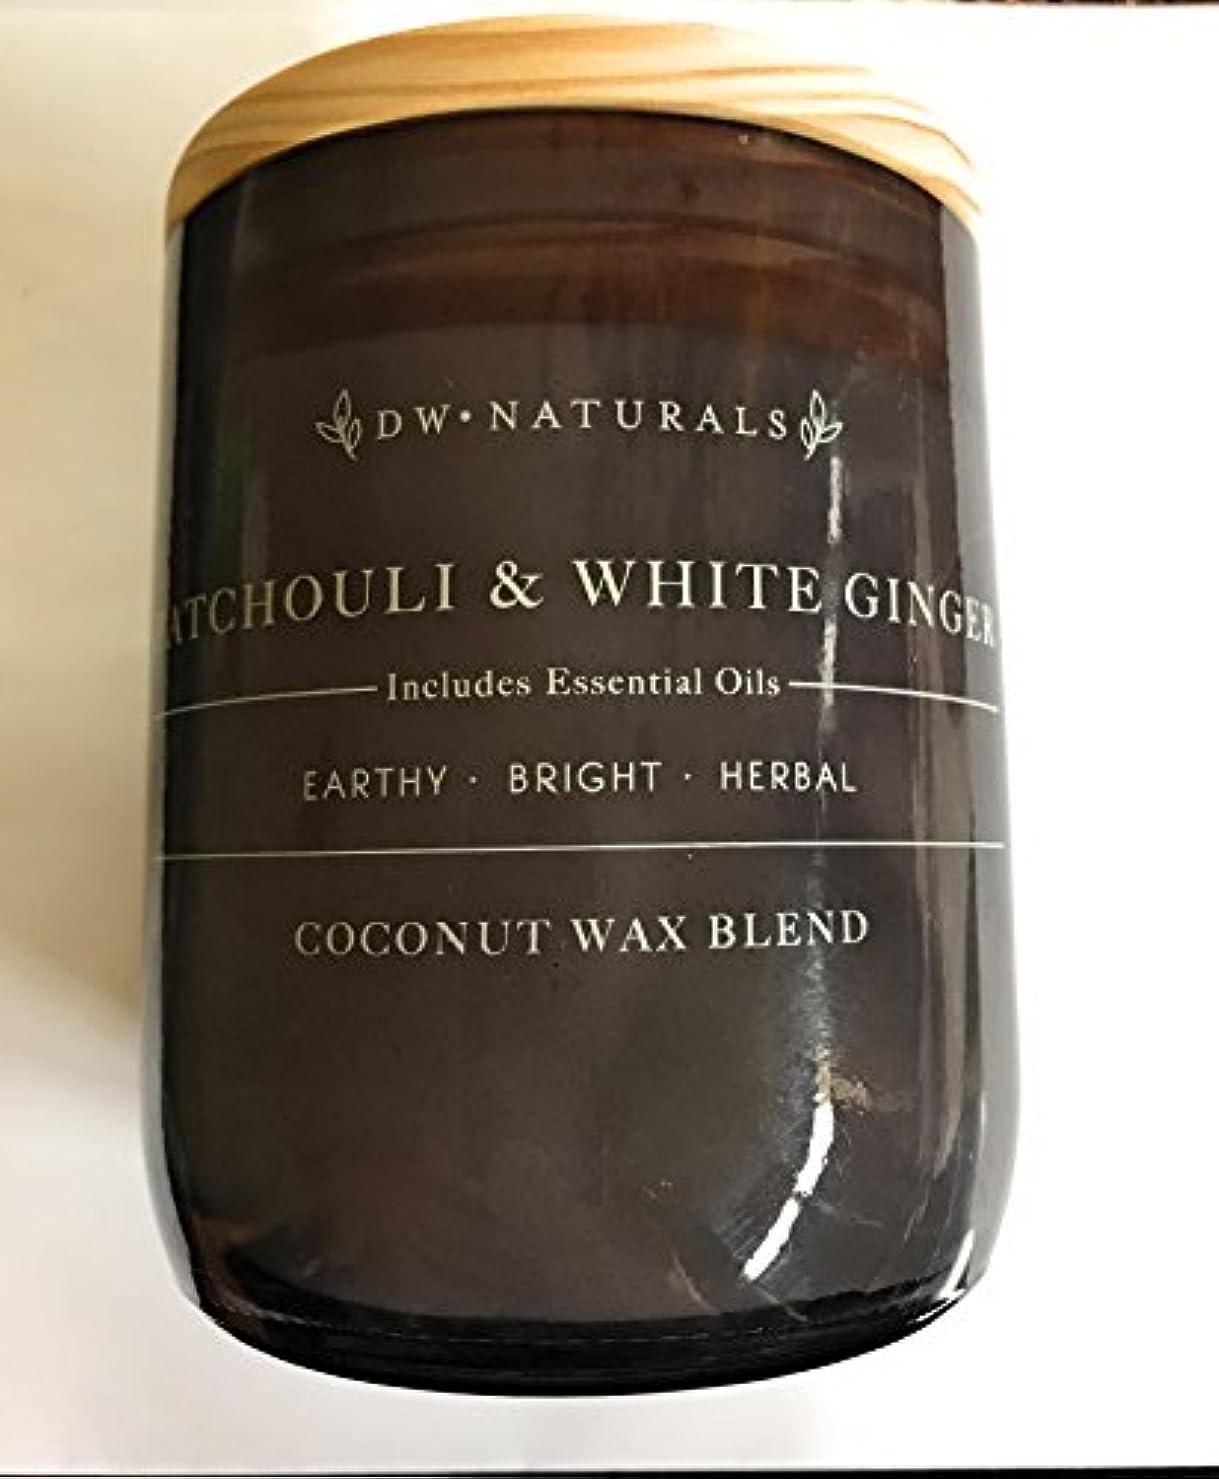 孤独な貪欲出席DW Naturalsパチュリ&ホワイトGinger CoconutワックスブレンドJar Candle 17.6 Oz